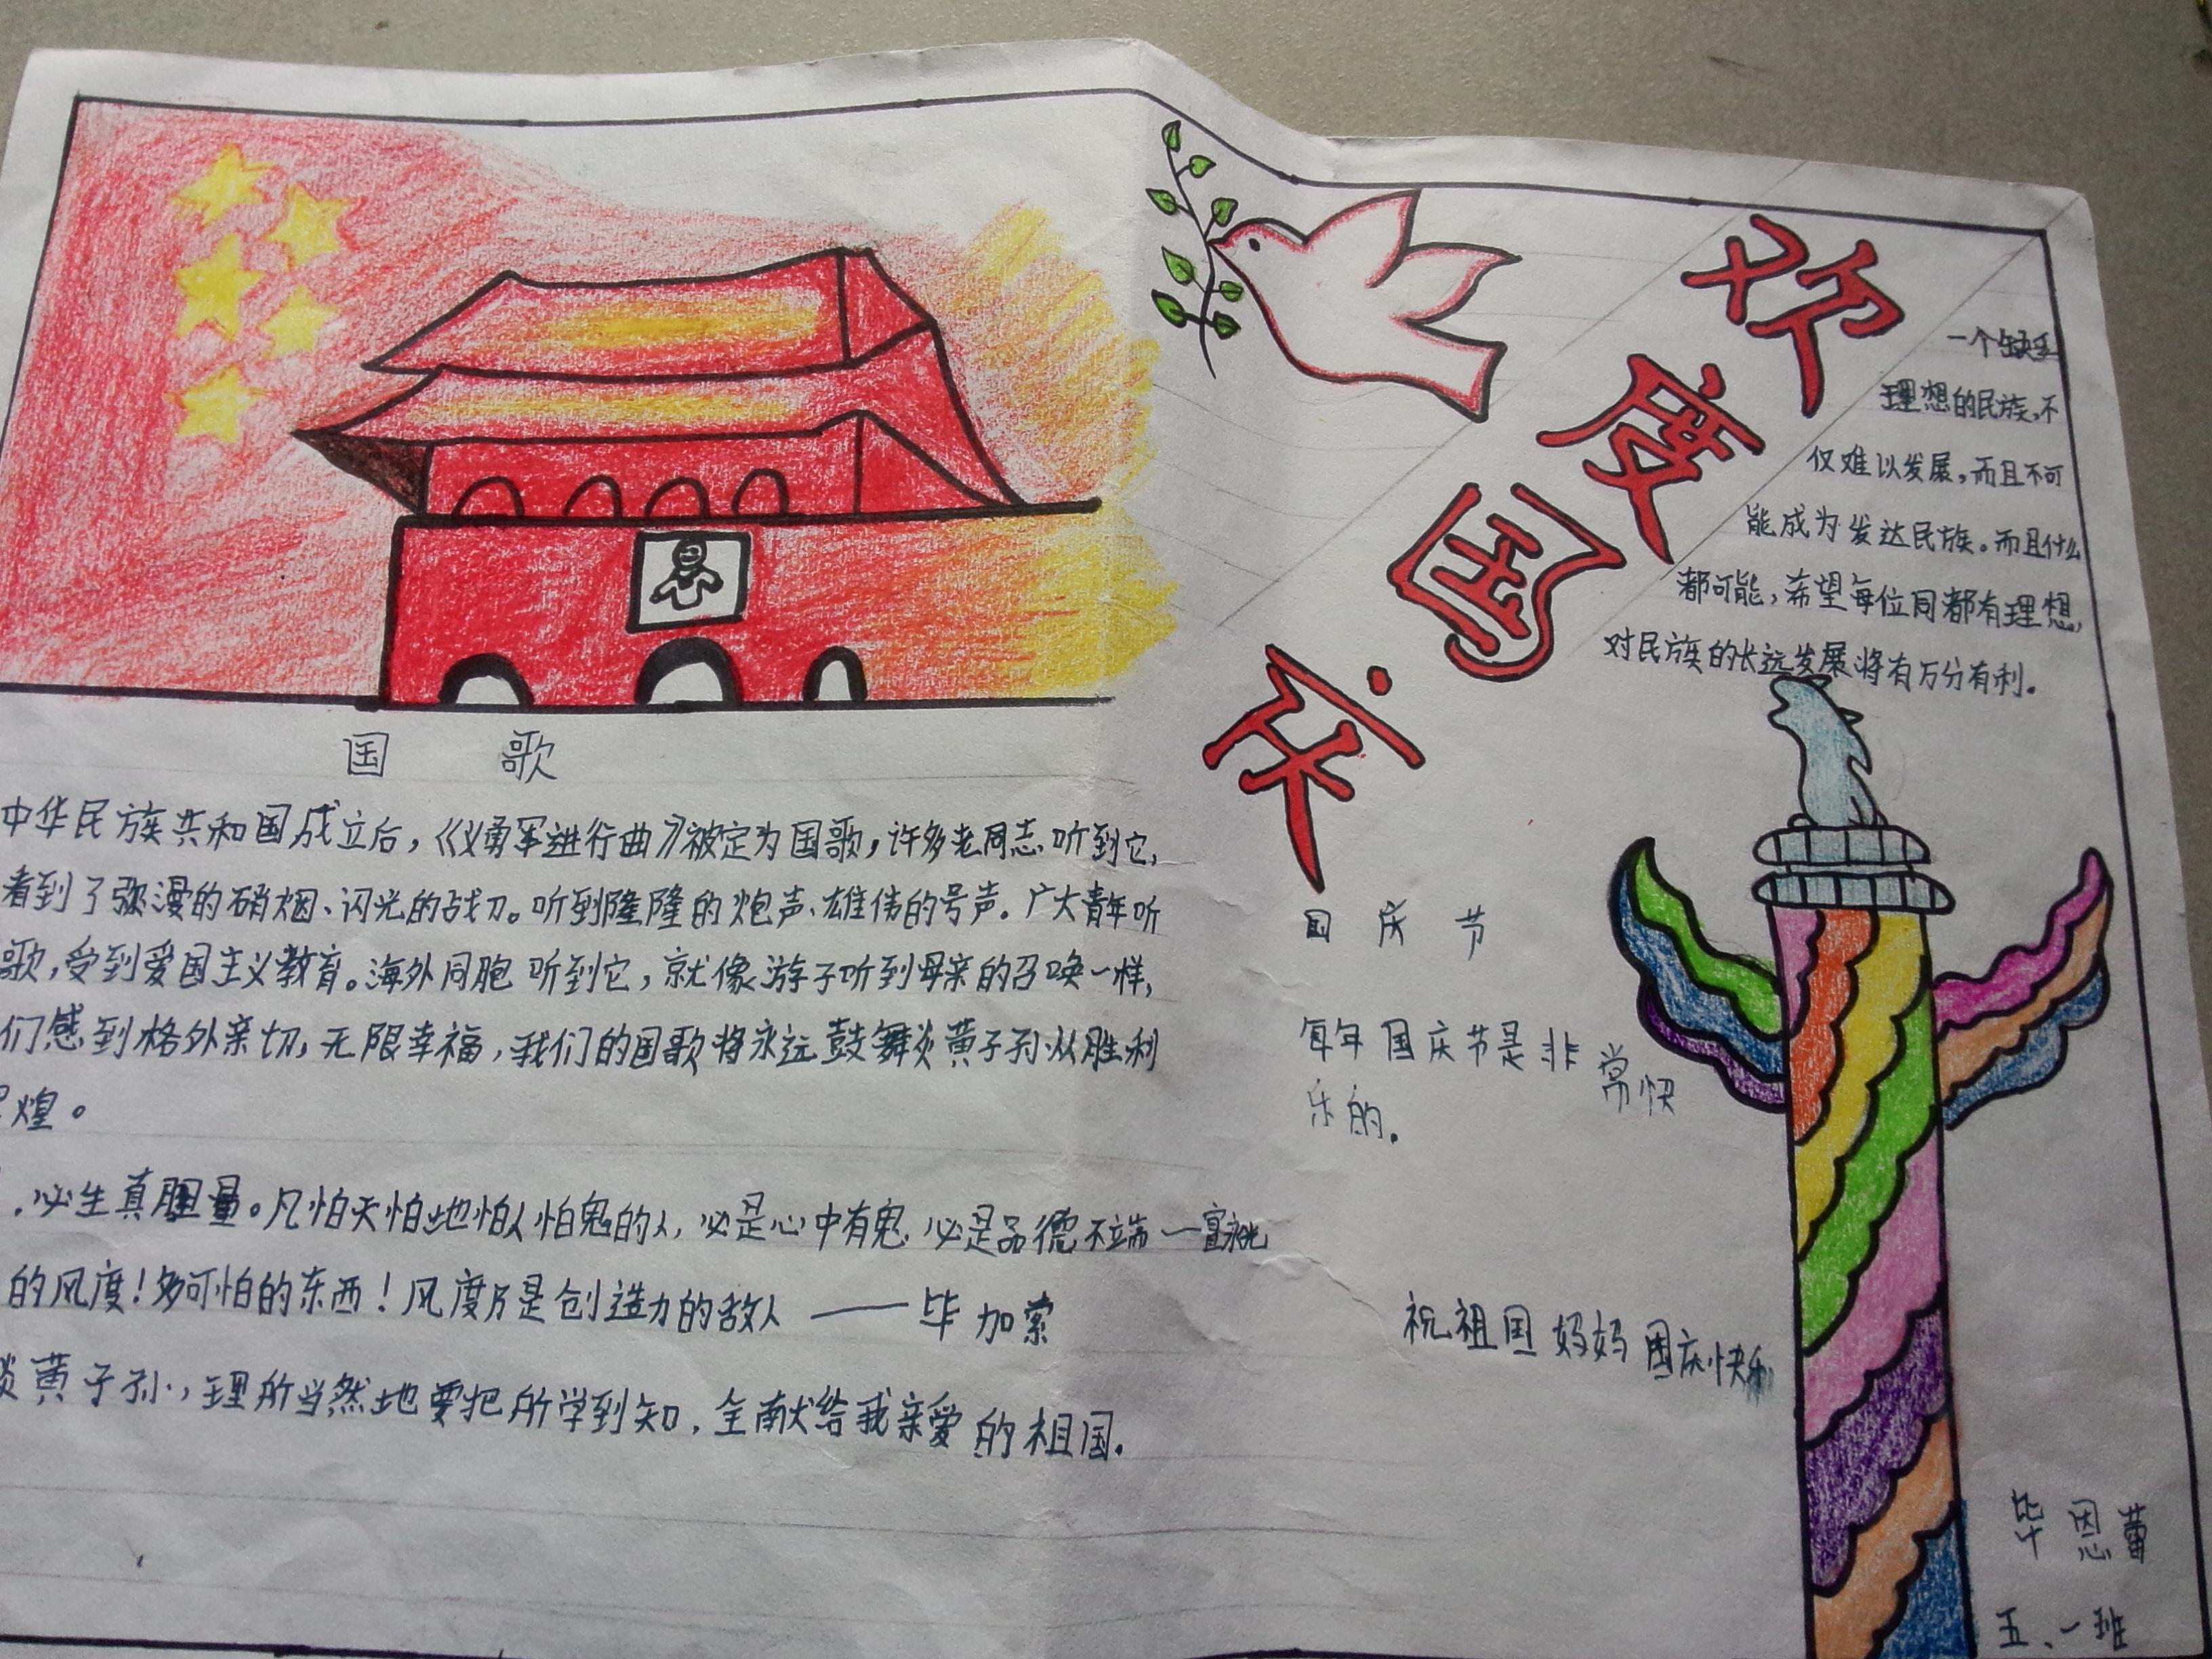 国庆手抄报 - 四川省2014年国庆节少先队活动 - 活动